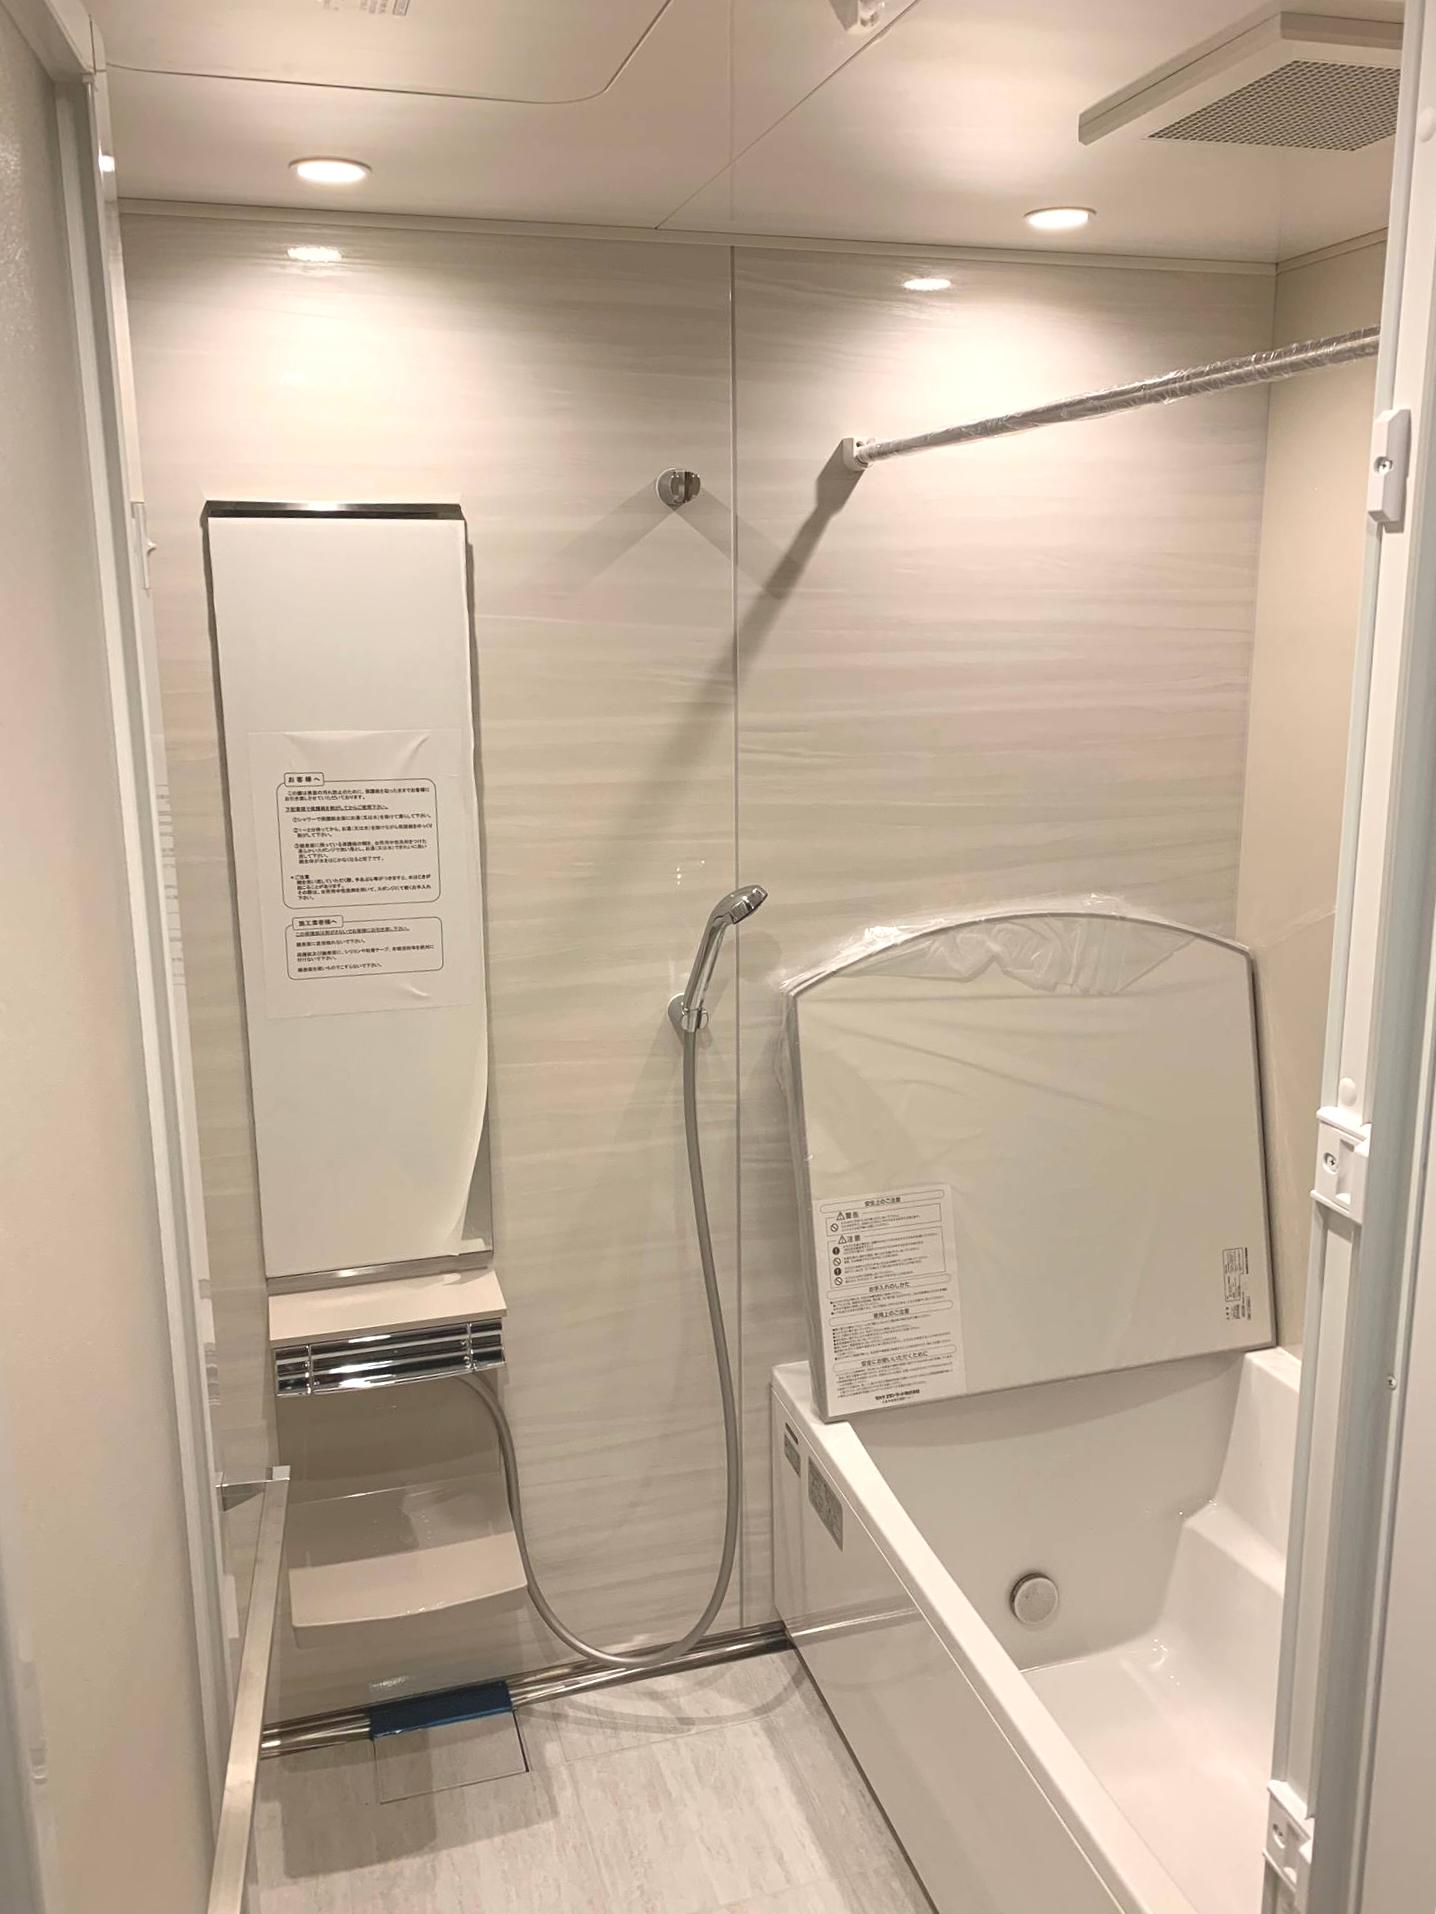 タカラスタンダード 伸び美浴室